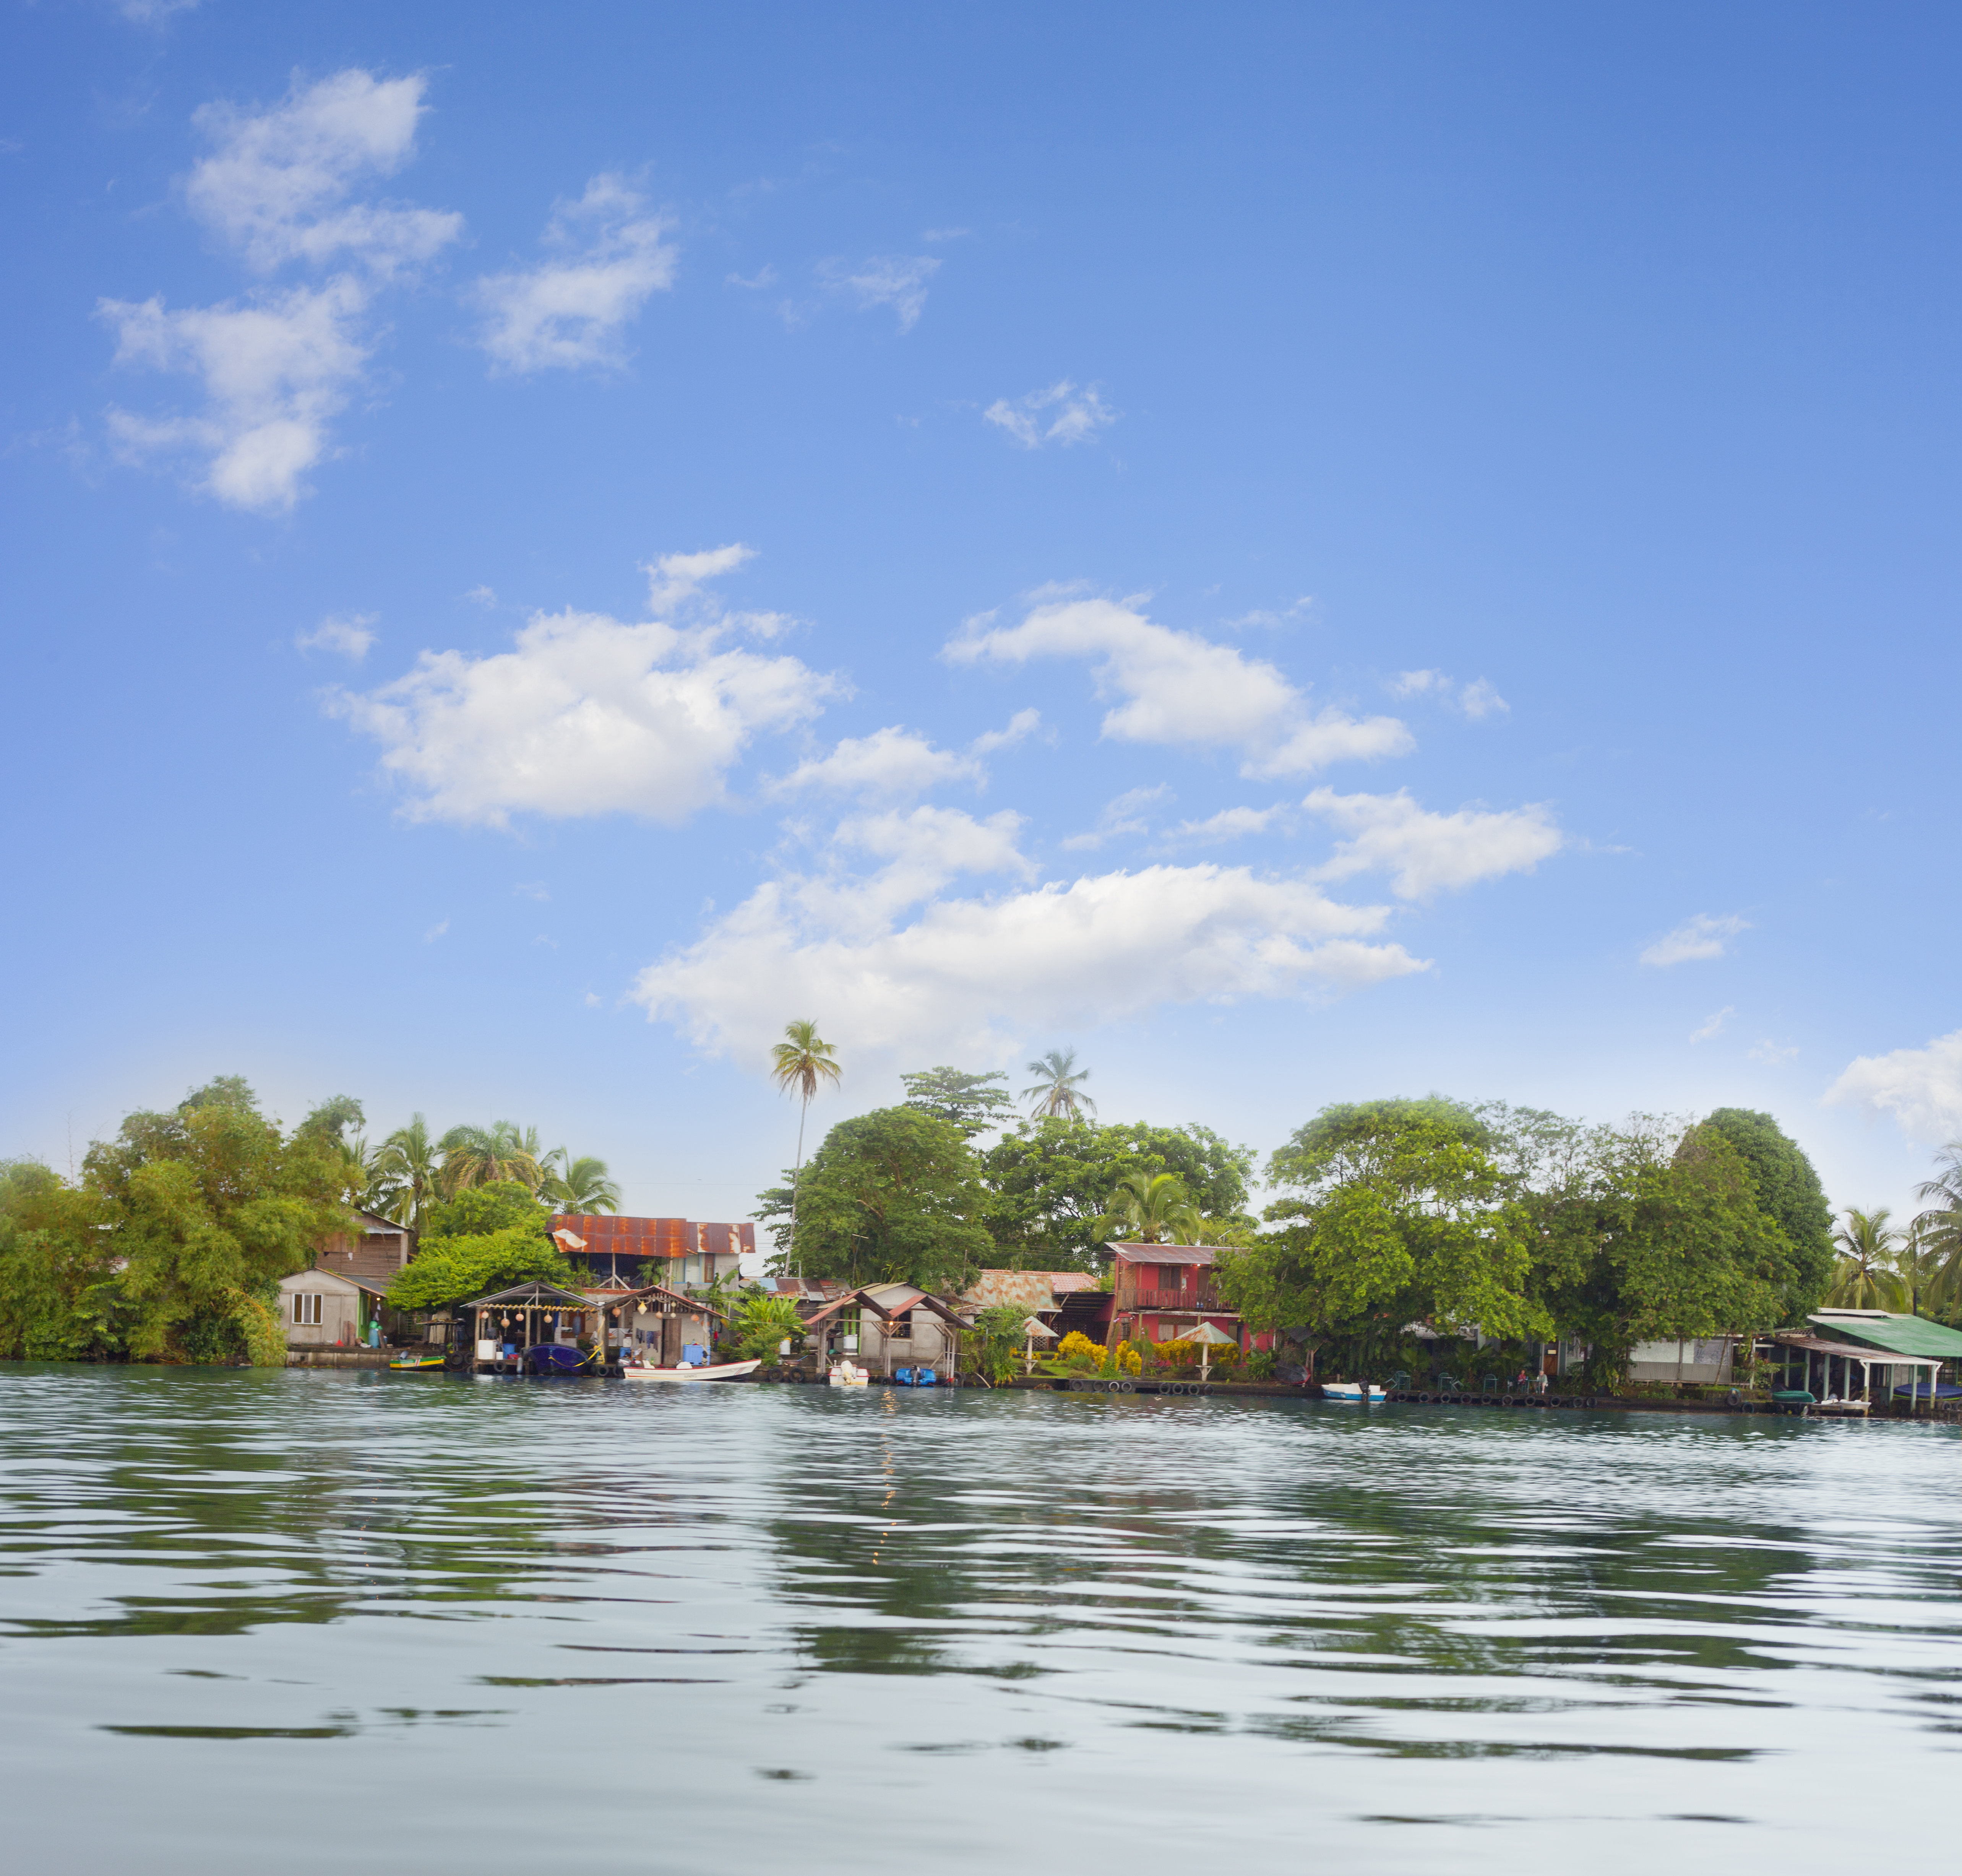 El pueblo aislado donde parió Mina - Costa Rica Gran Viaje Costa Rica Indispensable y Manuel Antonio